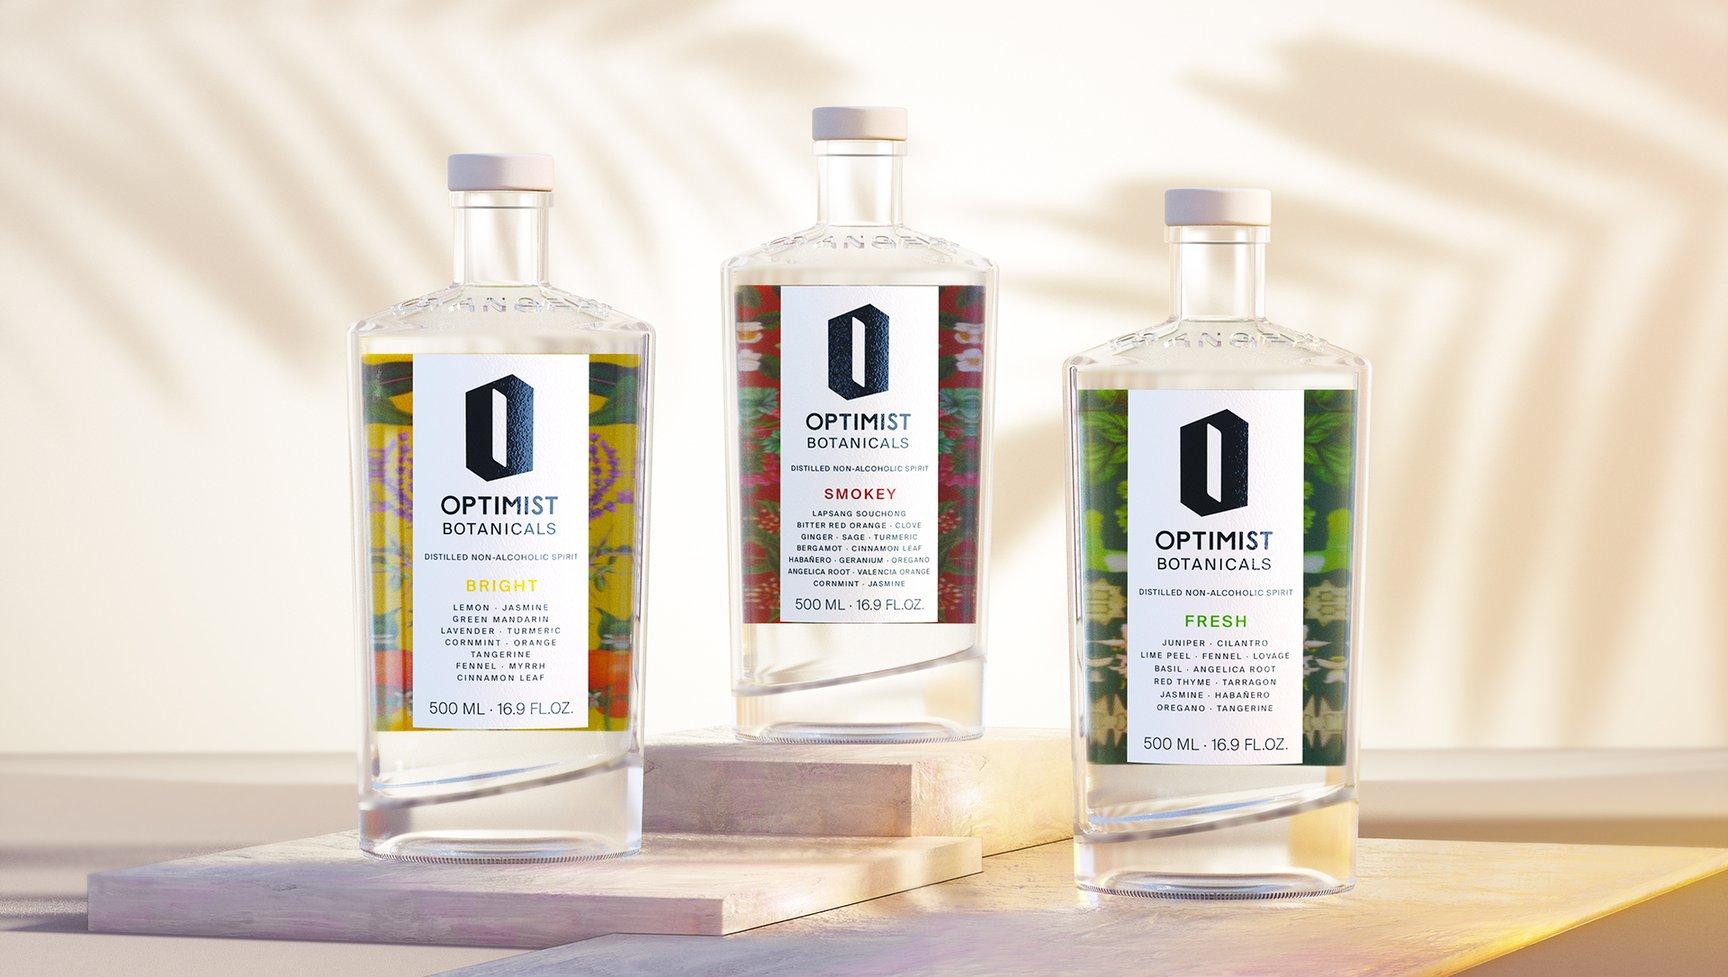 不含酒精的酒,Optimist Botanicals包装设计欣赏